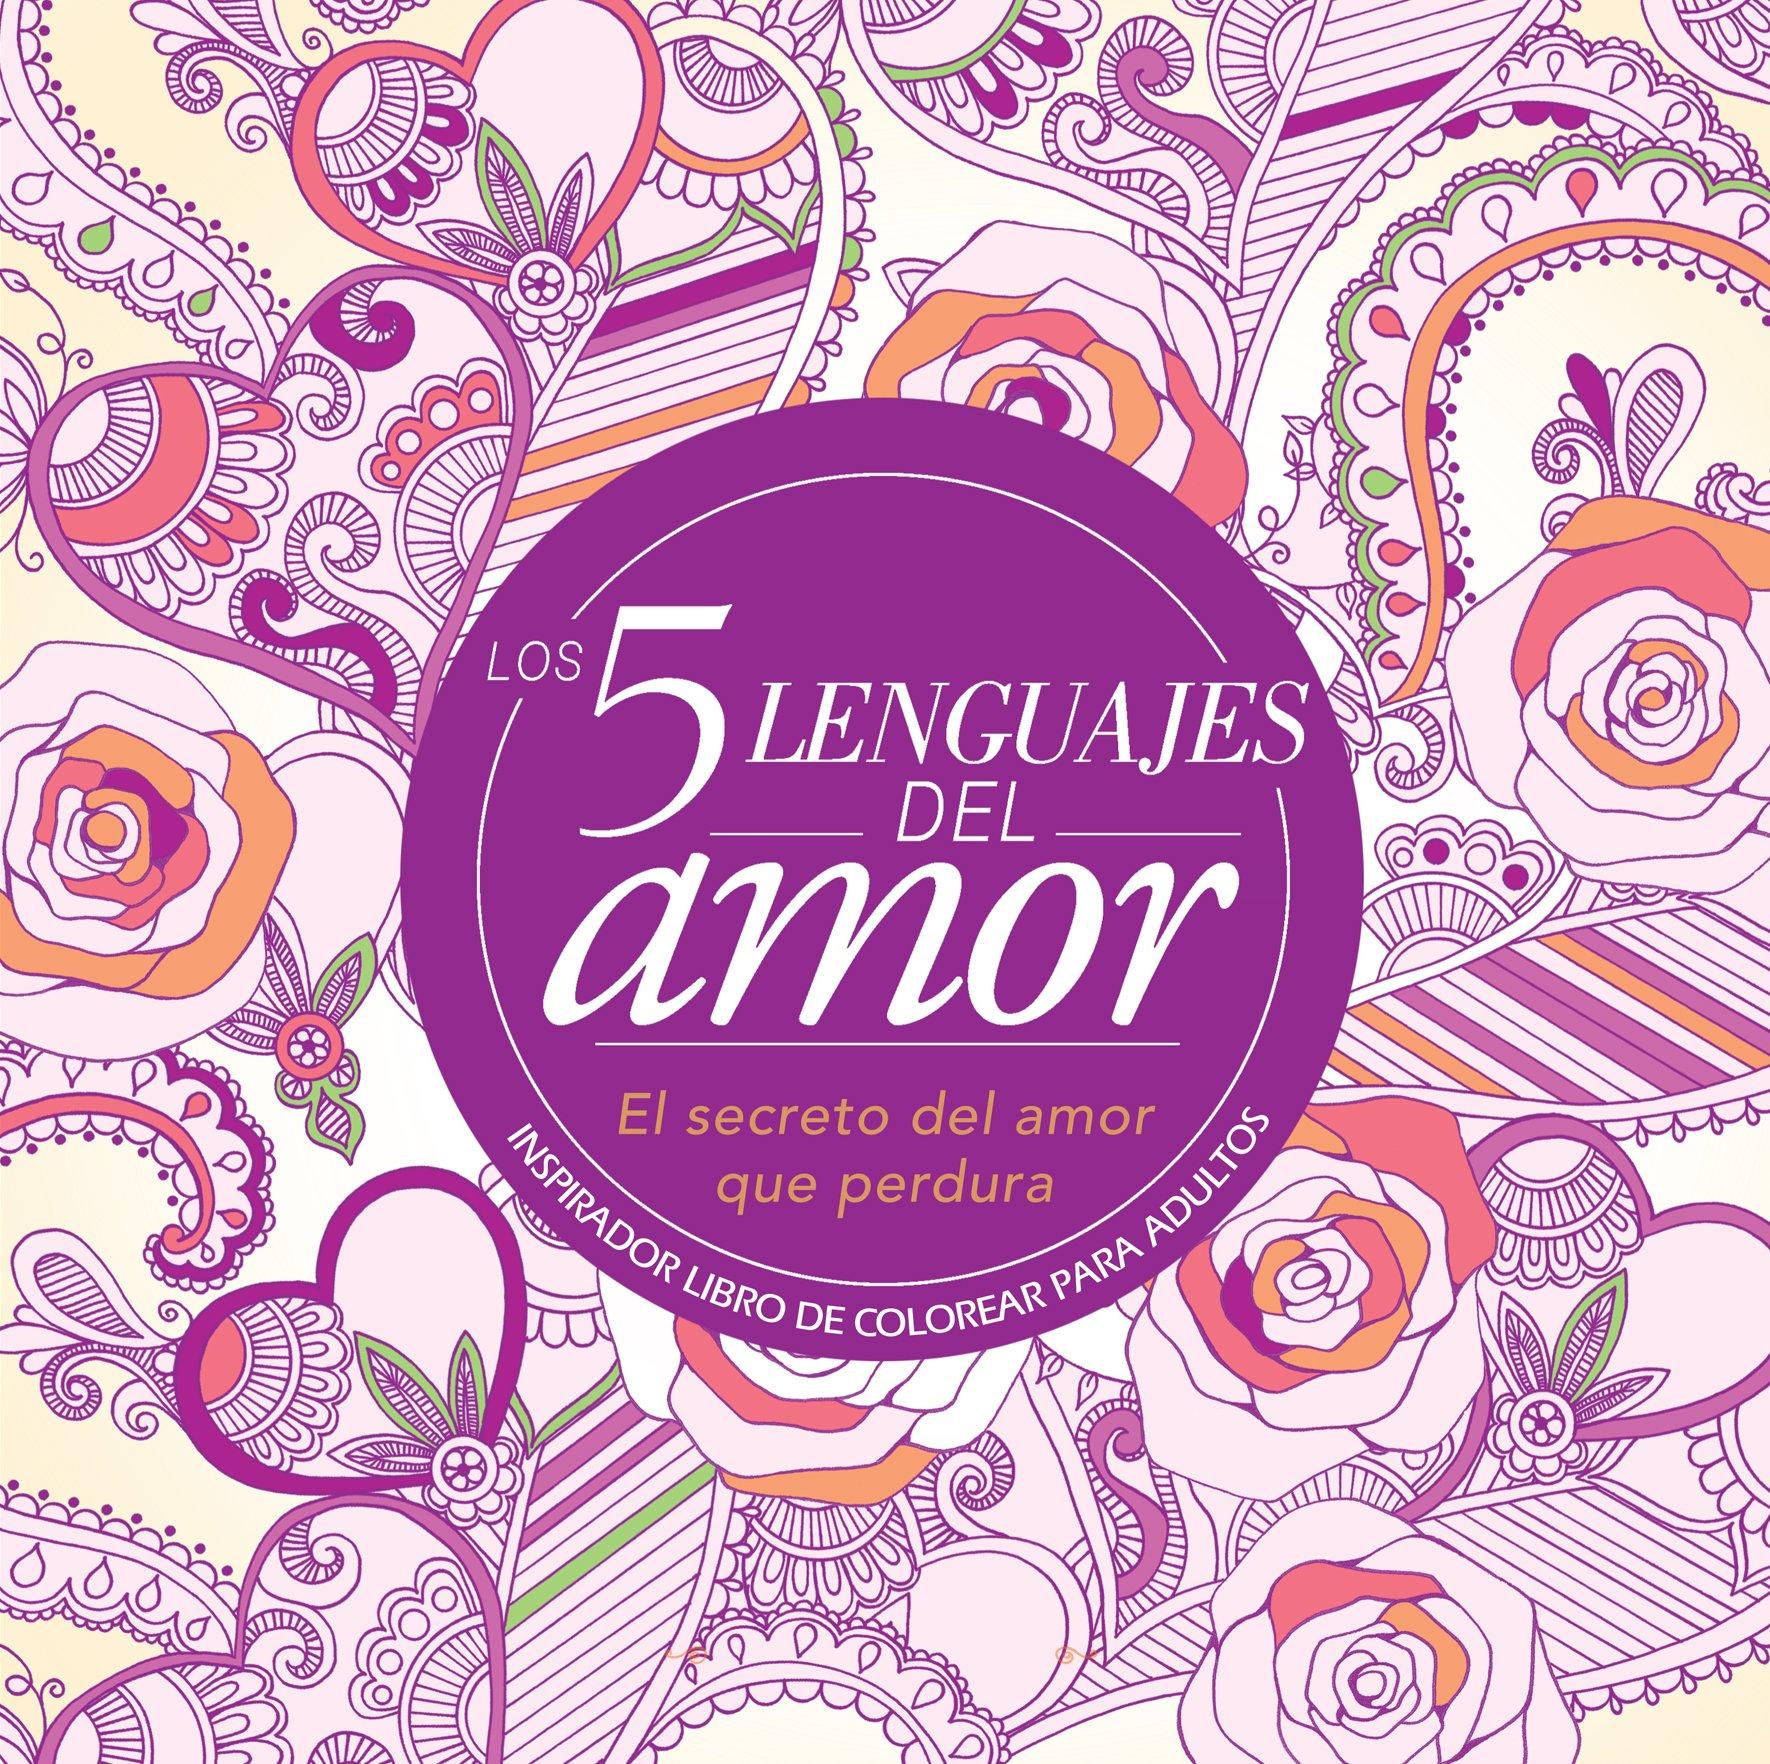 Amazon.com: Los 5 lenguajes del amor: libro de colorear para adultos ...